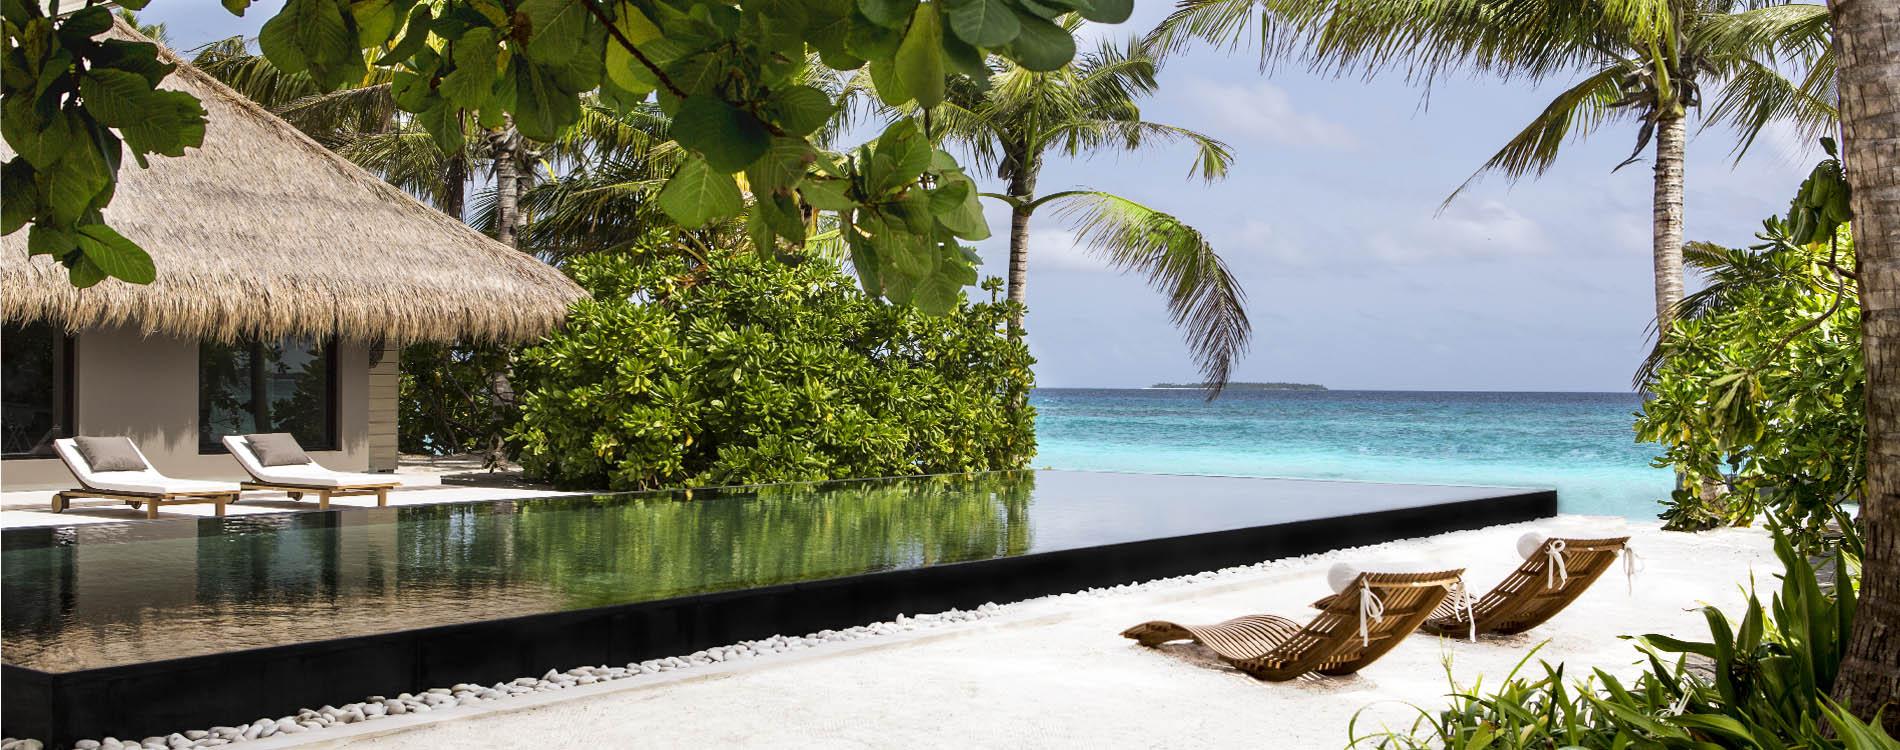 Cheval Blanc Randheli, calma y lujo en las Maldivas